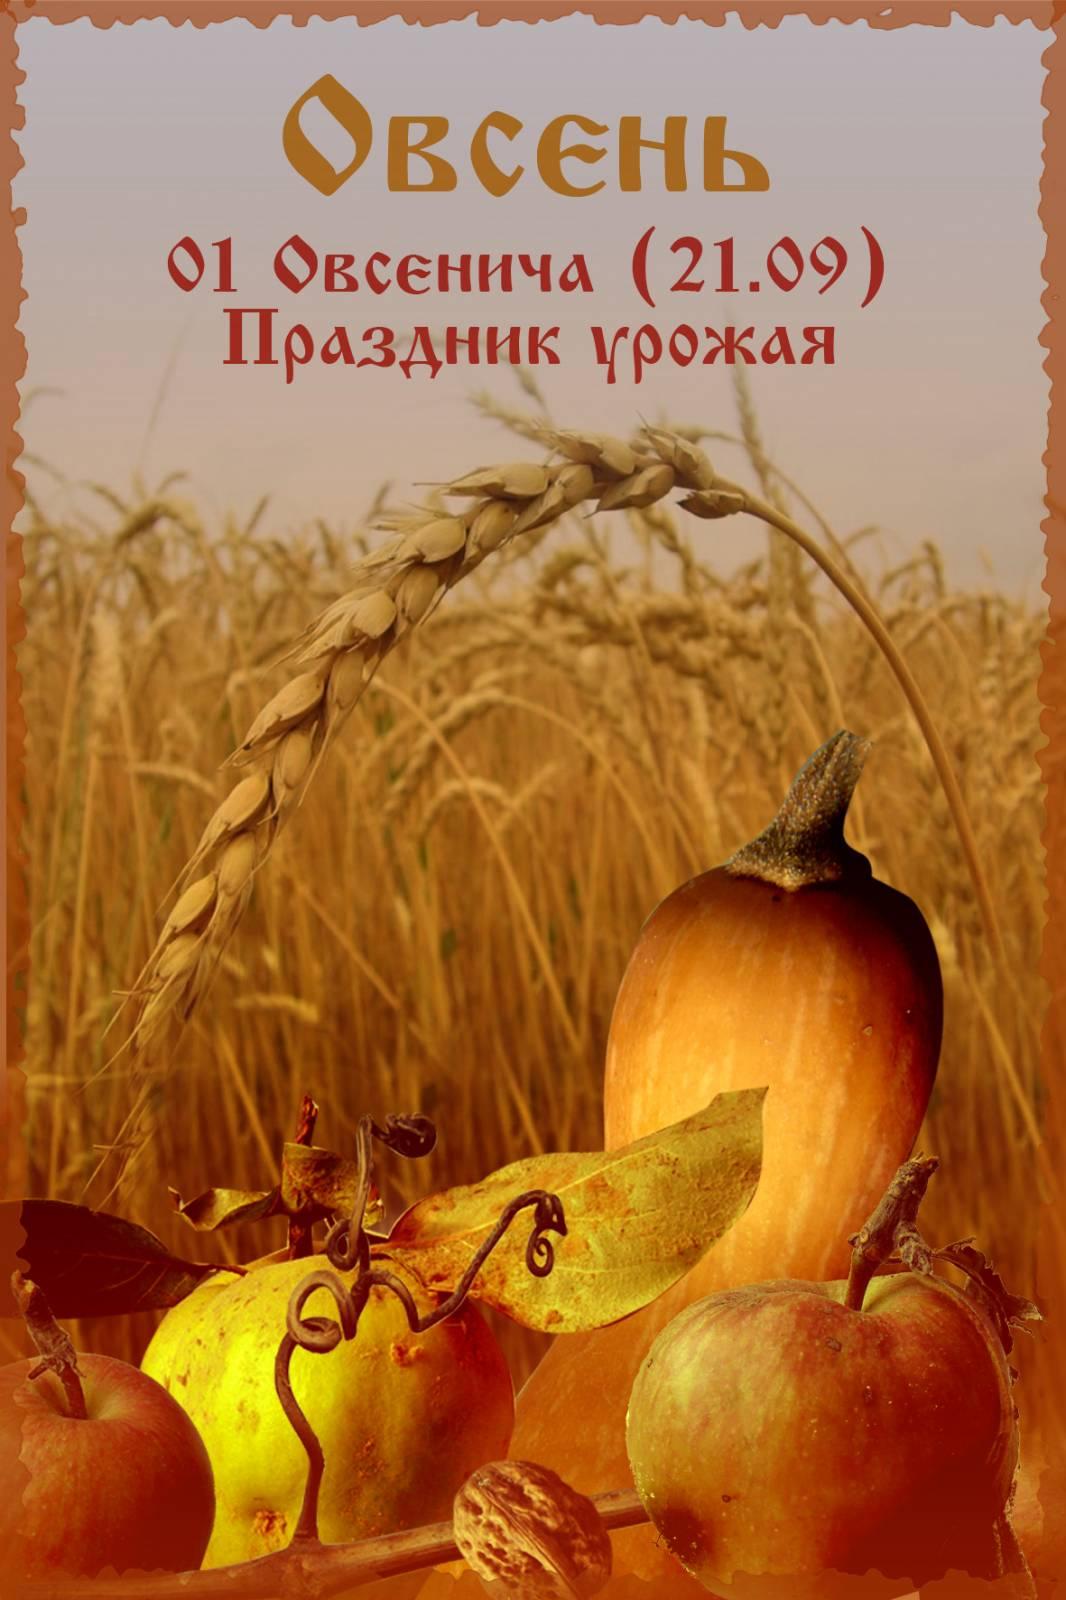 Праздник урожая Осенины 2018 поздравления в прозе 100